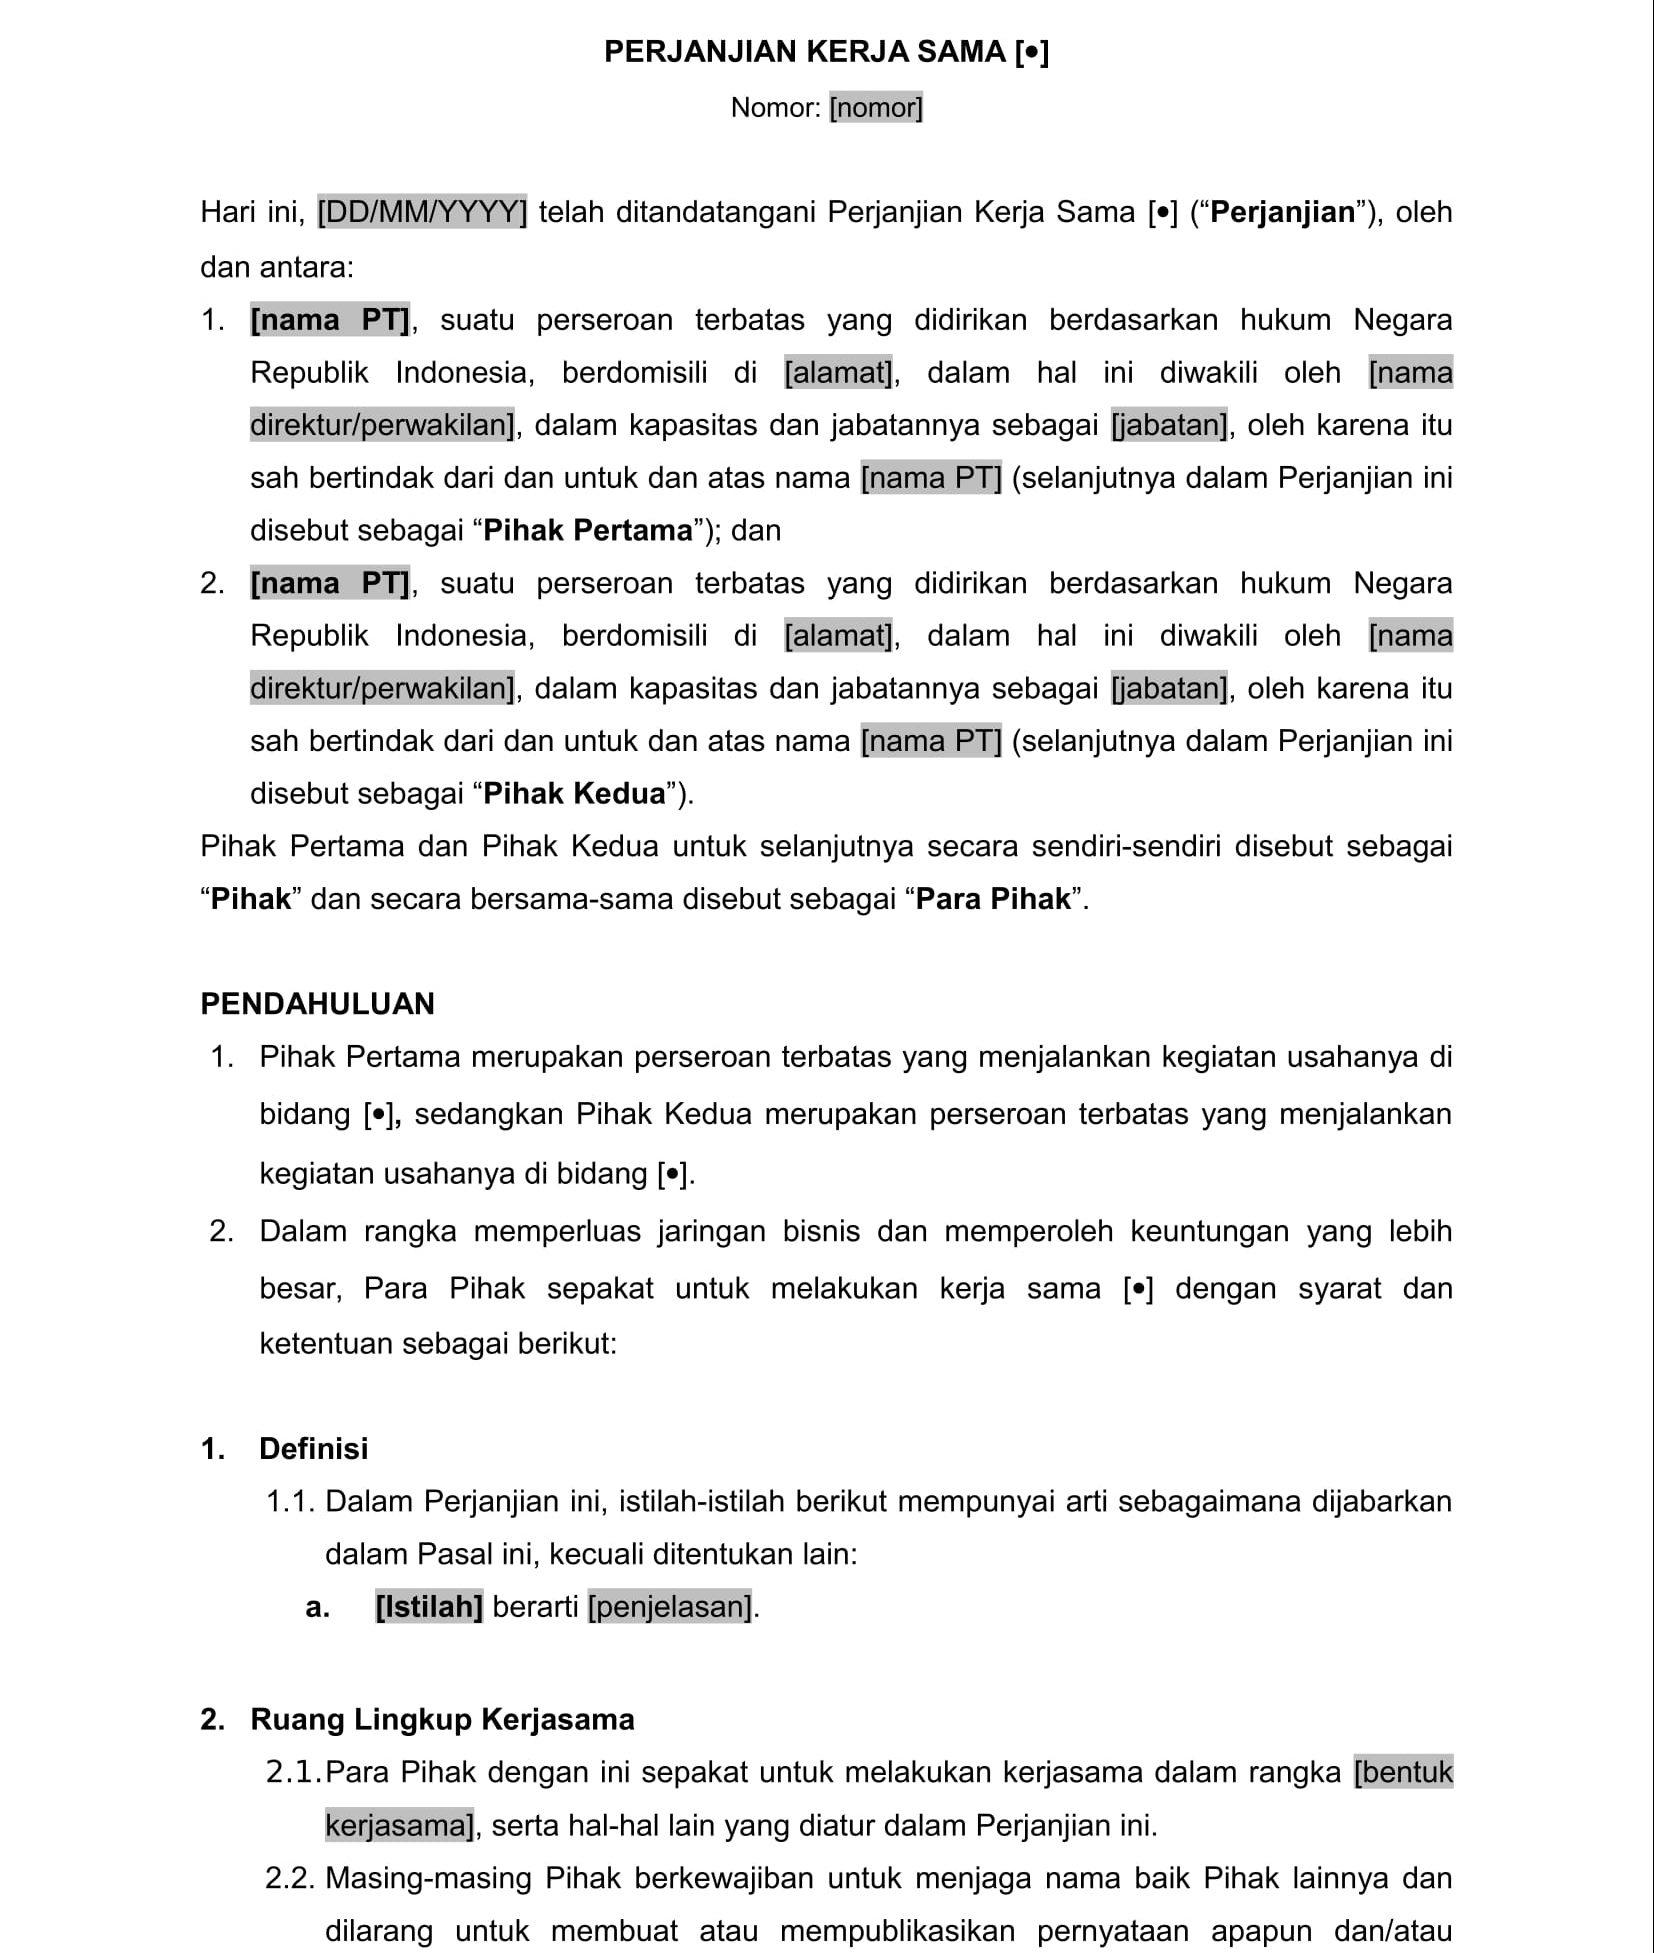 Contoh Cara Pembuatan Kontrak Yang Benar Menurut Hukum Libera